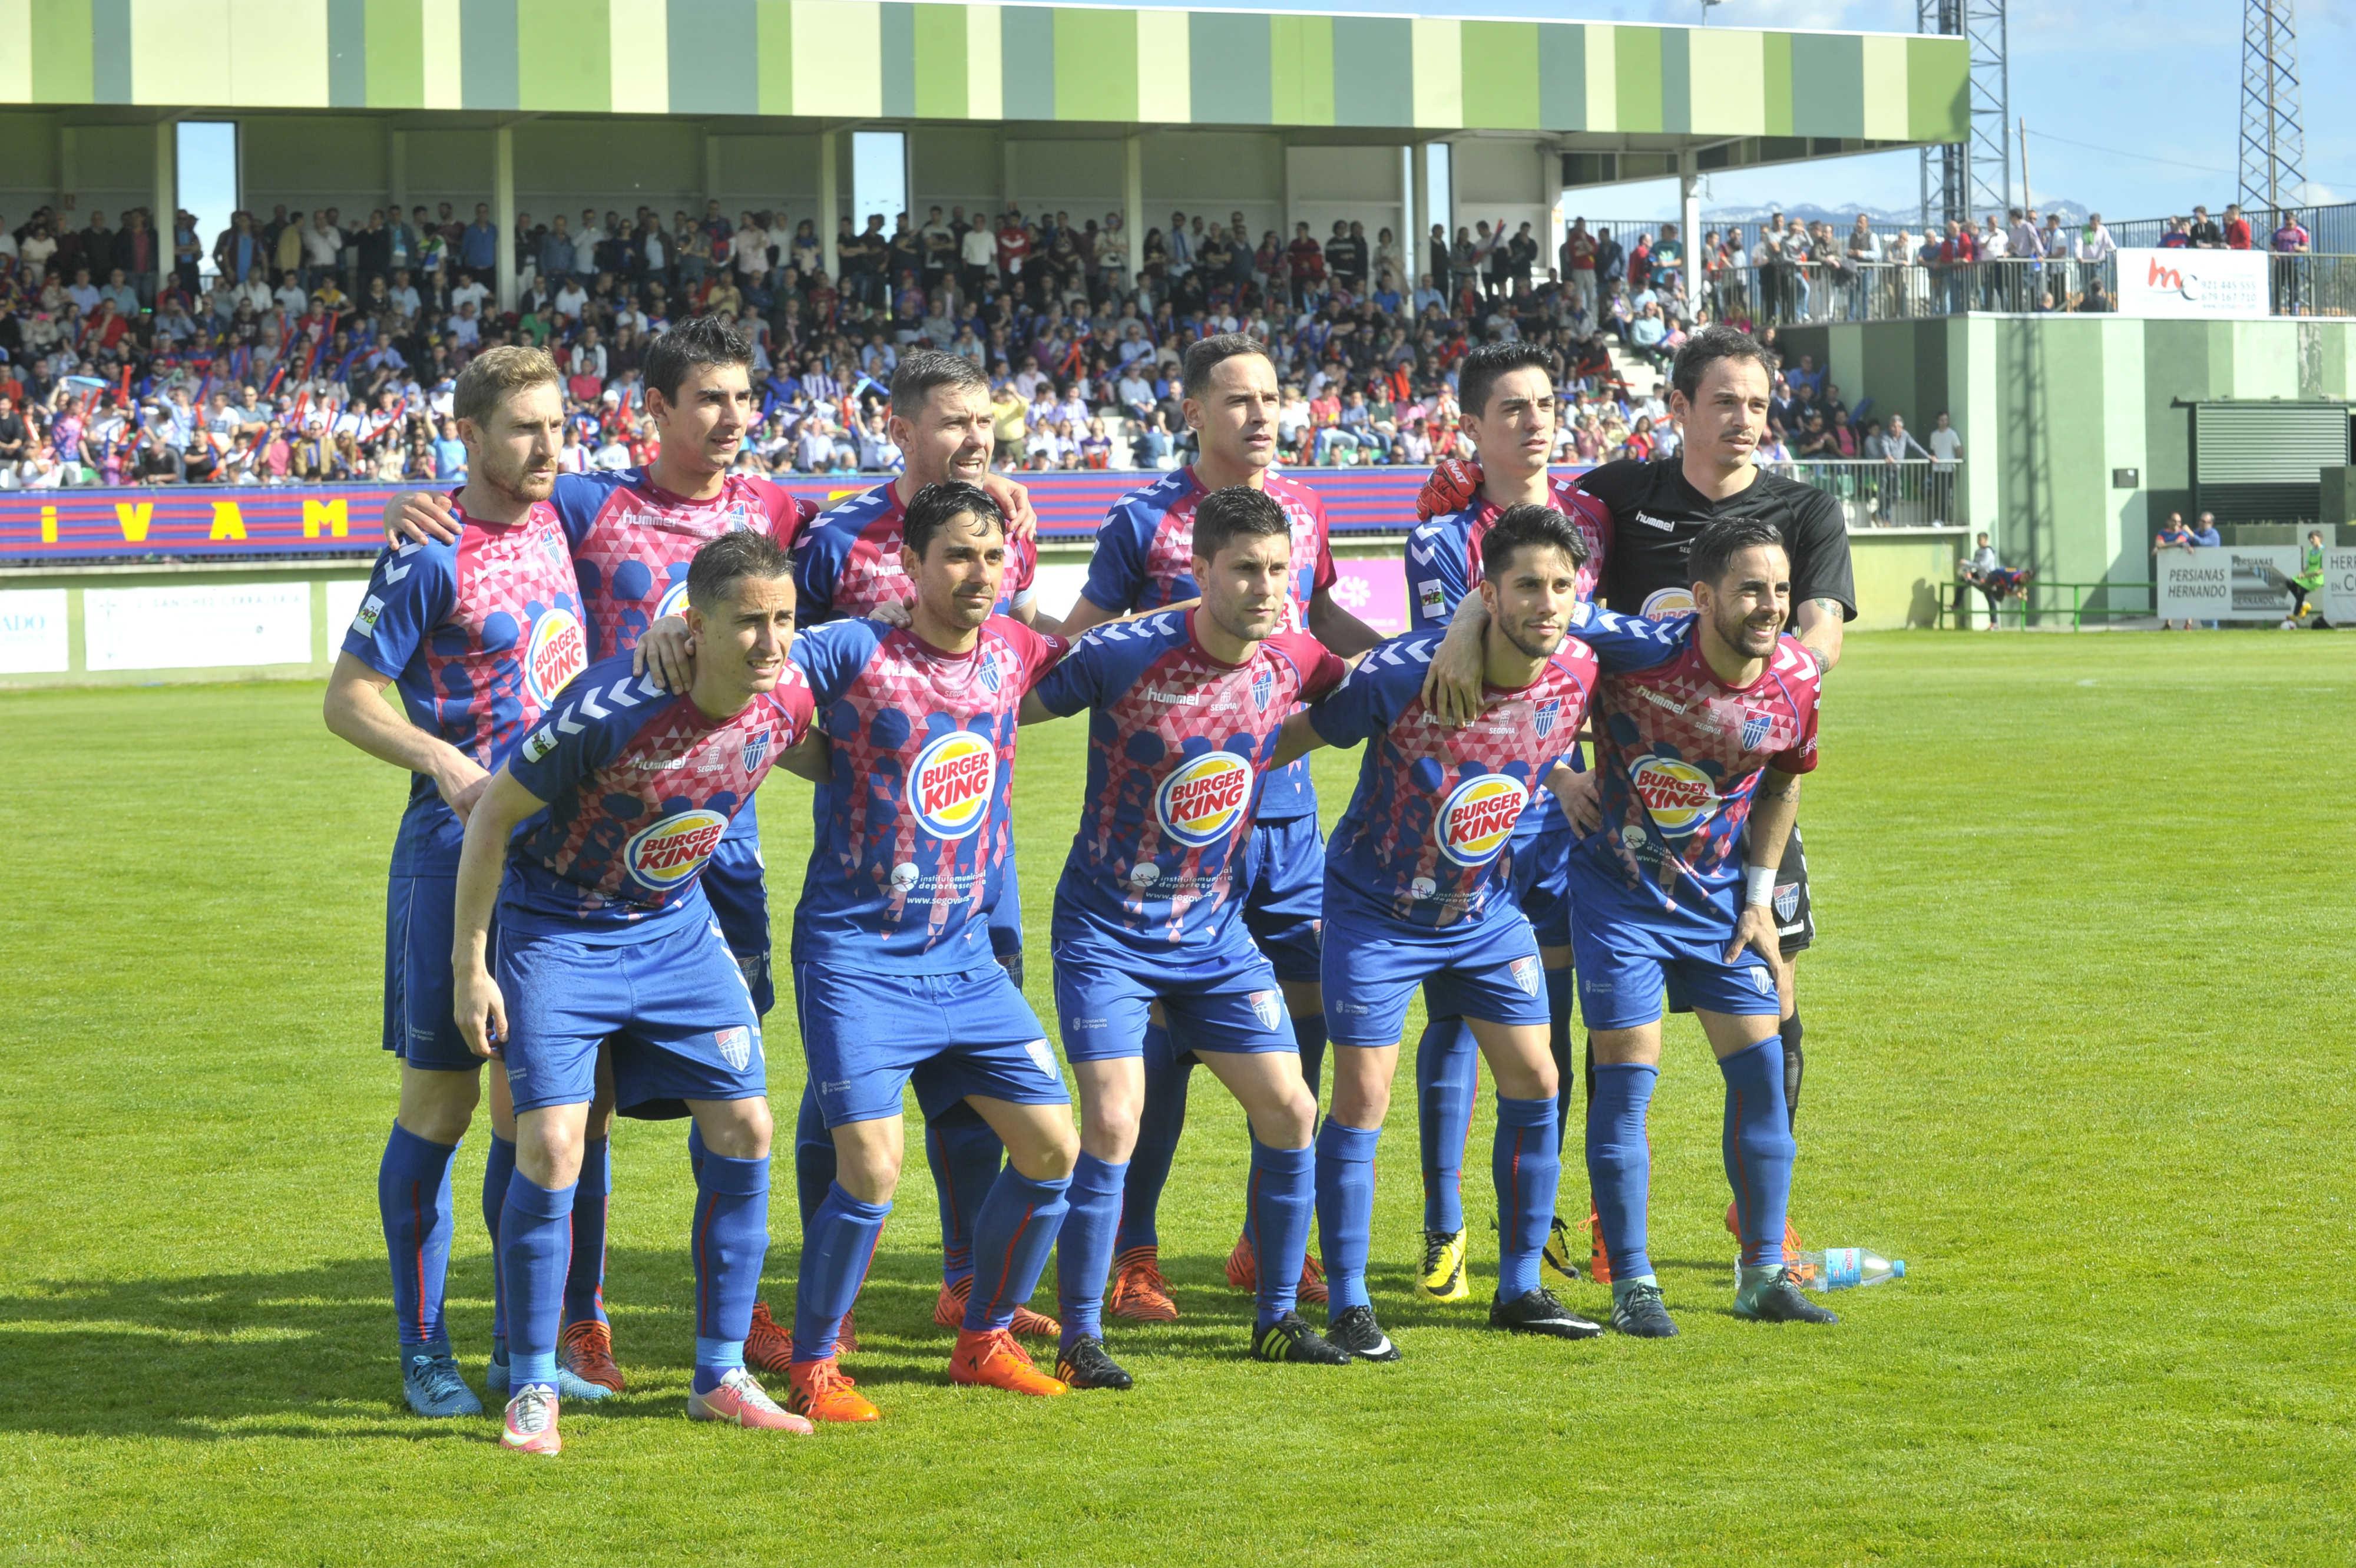 20180506_Futbol Segoviana Real Valladolid B_KAM5391_2